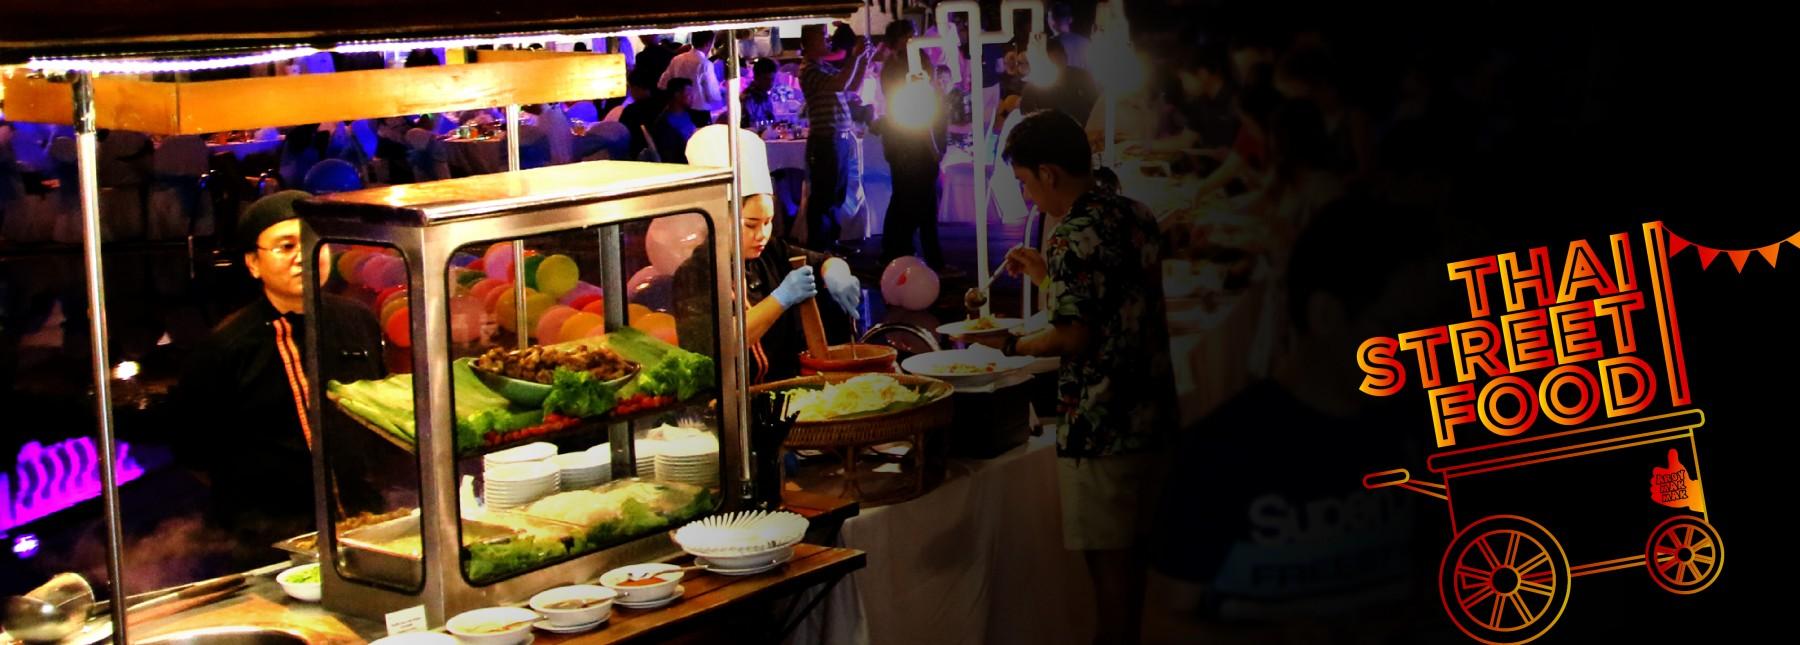 tastes-of-thai-street-food